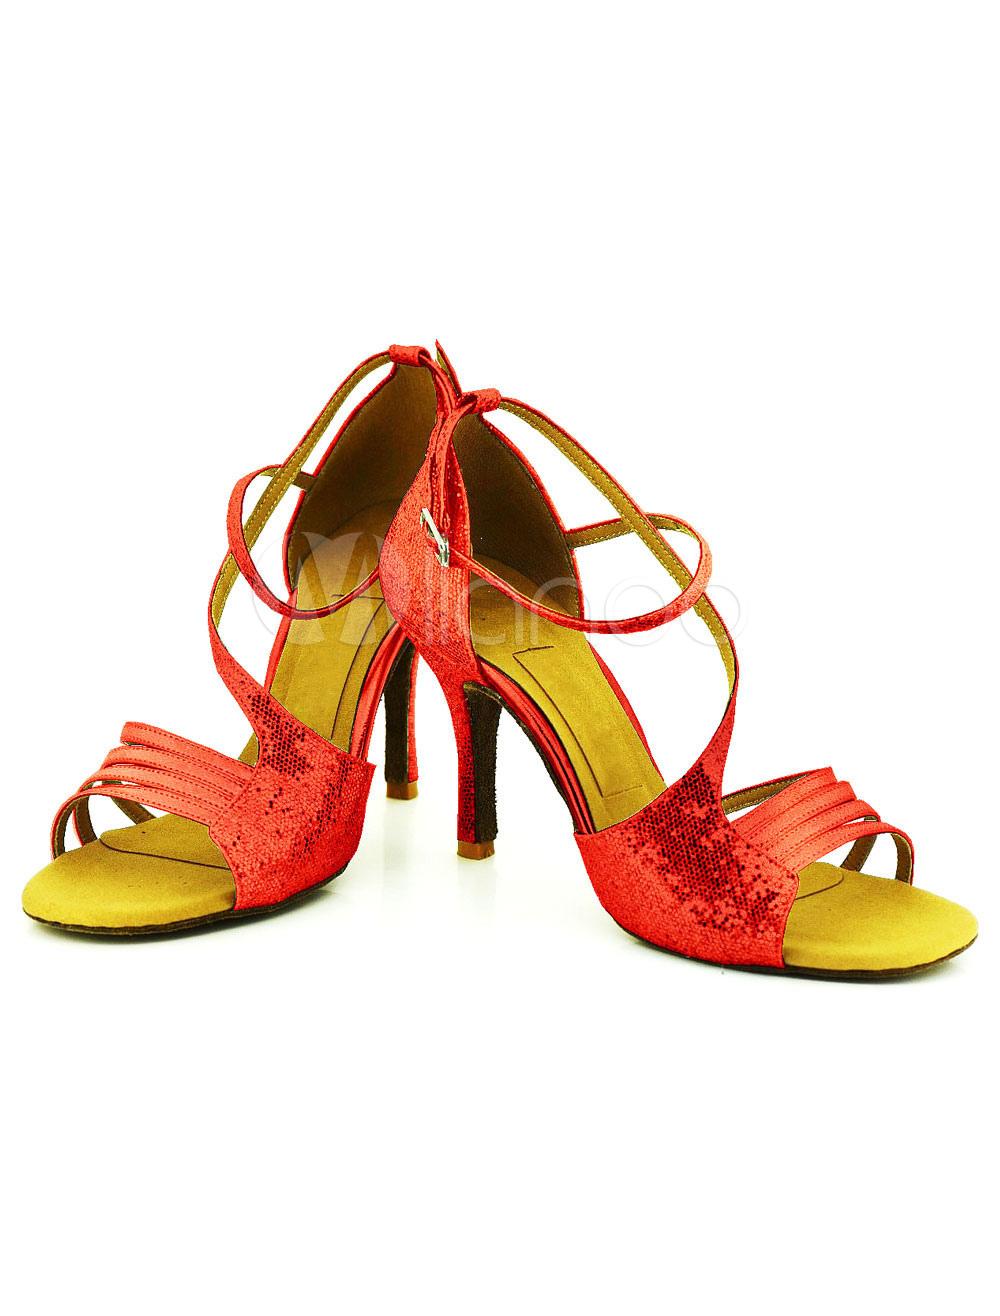 Zapatos de lentejuelas danza infierno alta cadena bobina abierta del dedo del pie suave suela baile zapatos de baile NHEnm6X